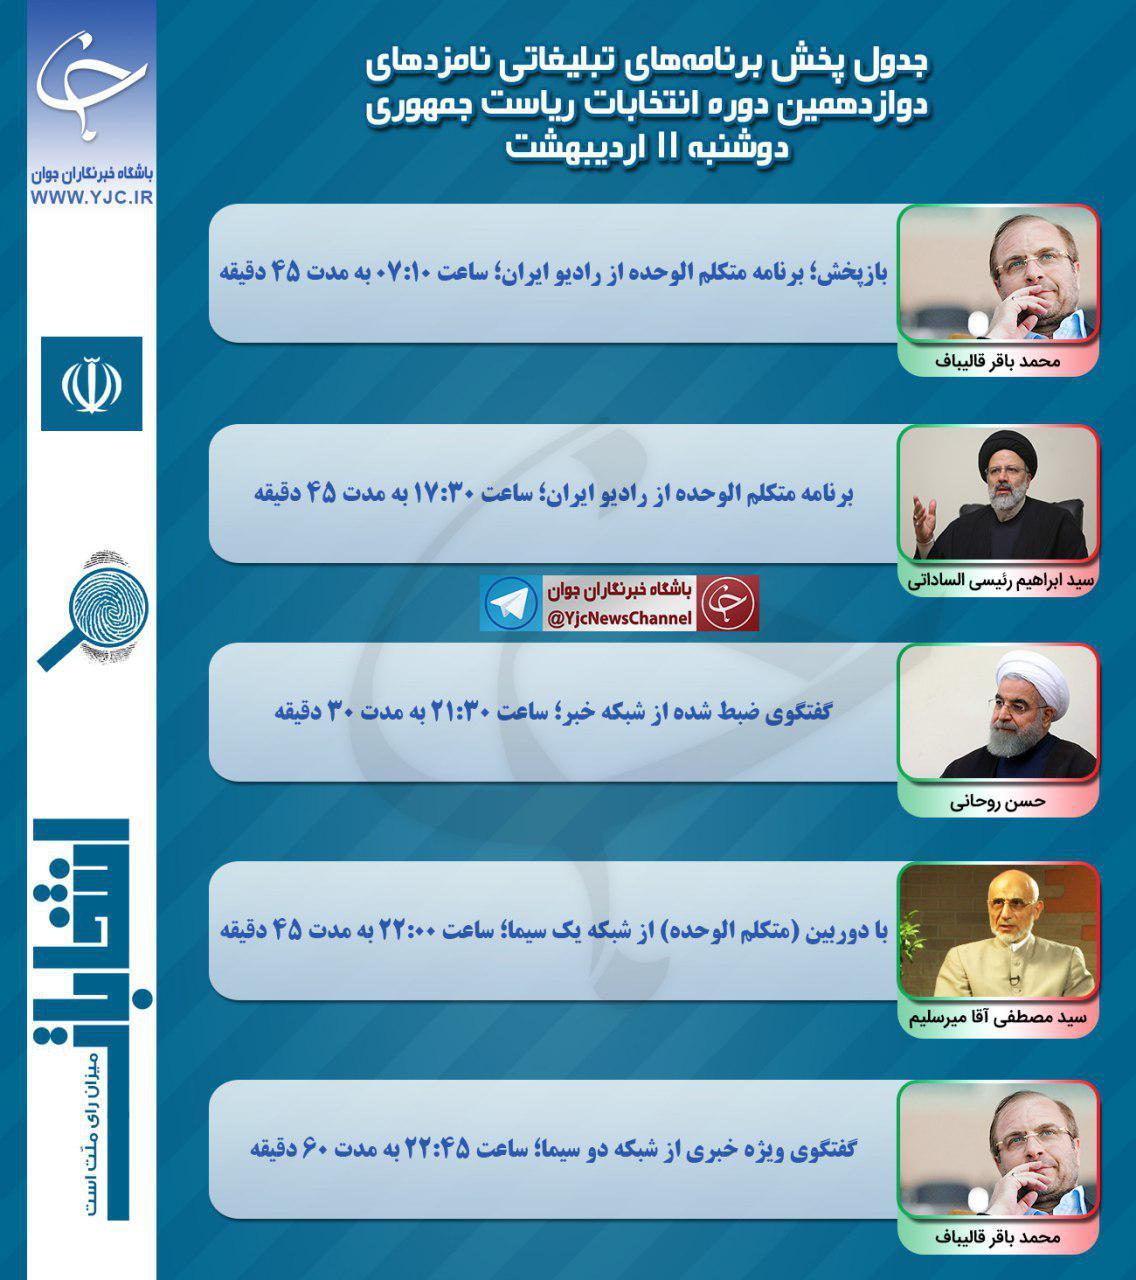 برنامههای امروز (11 اردیبهشت) نامزدهای ریاست جمهوری در صداوسیما